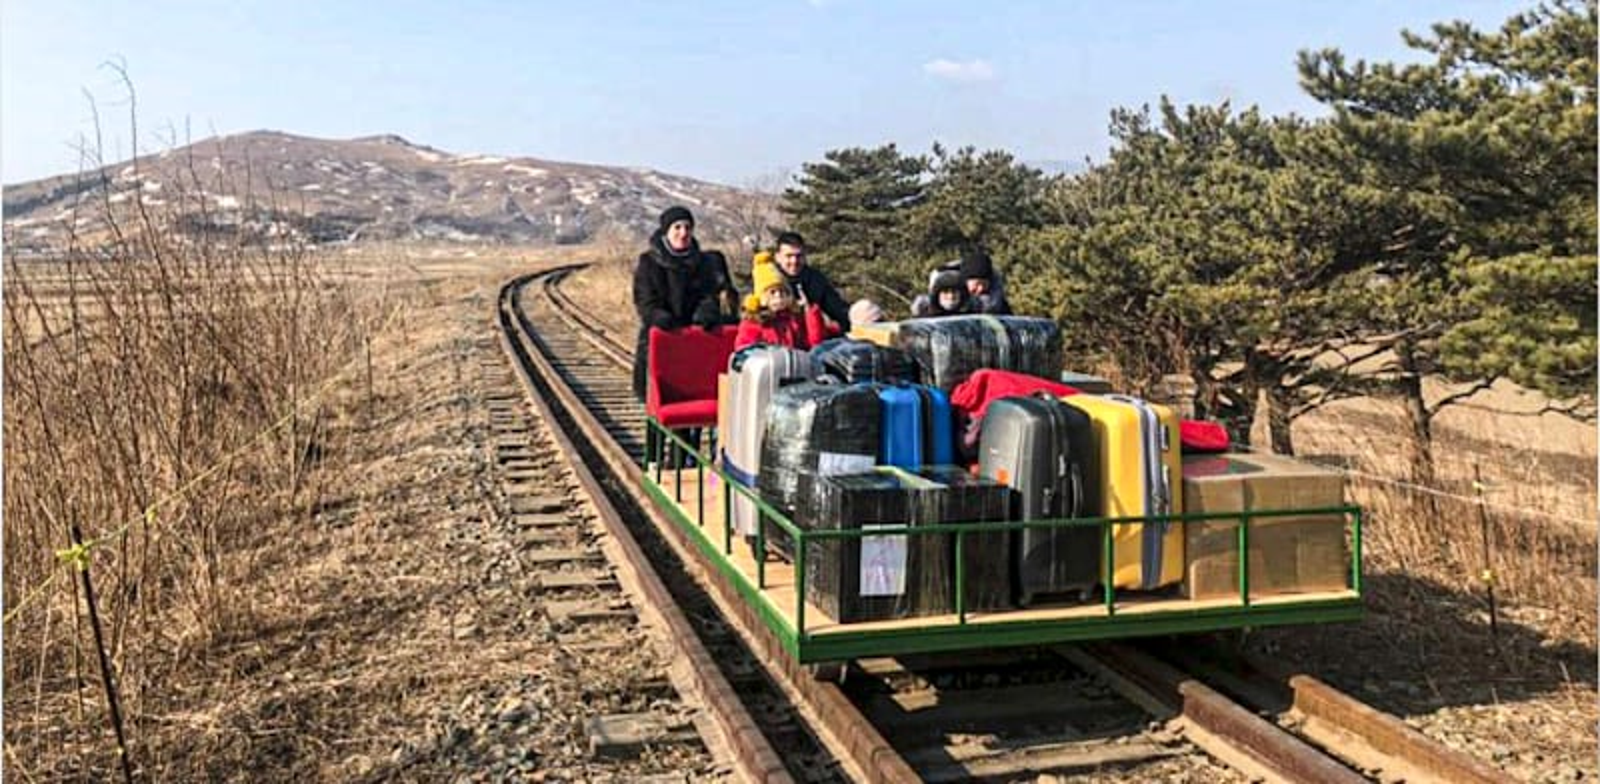 דיפלומטים רוסים חוזרים מצפון קוריאה על עגלת עץ / צילום: Associated Press, Russian Foreign Ministry Press Service